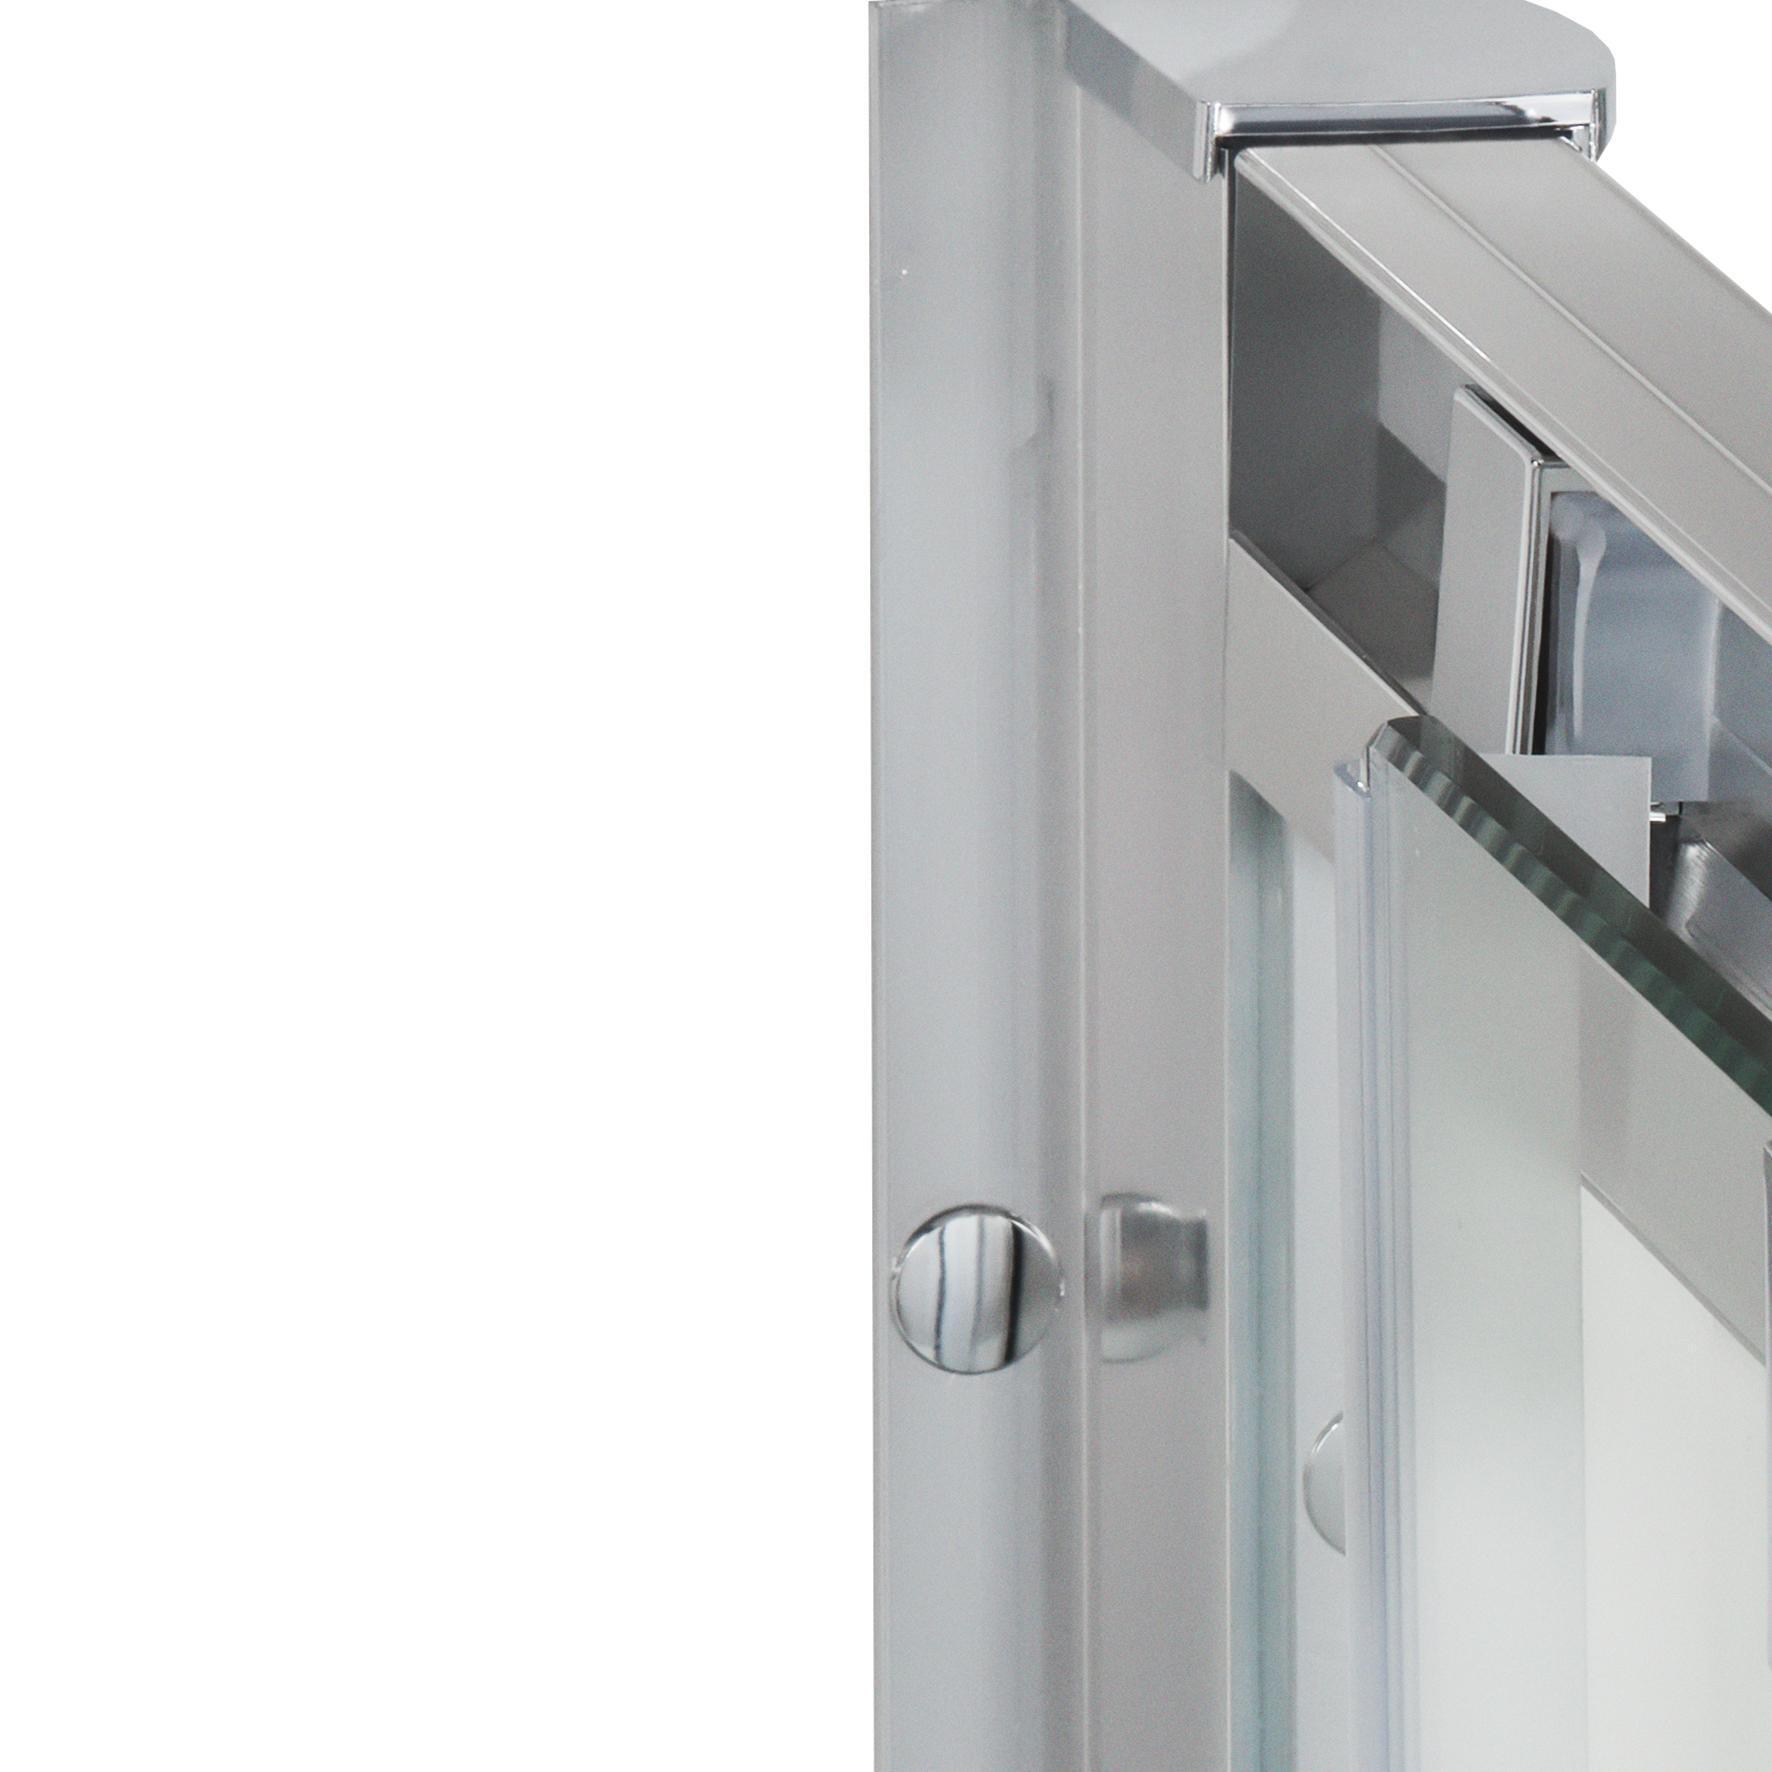 Porta doccia scorrevole Quad 120 cm, H 190 cm in vetro, spessore 6 mm serigrafato cromato - 4